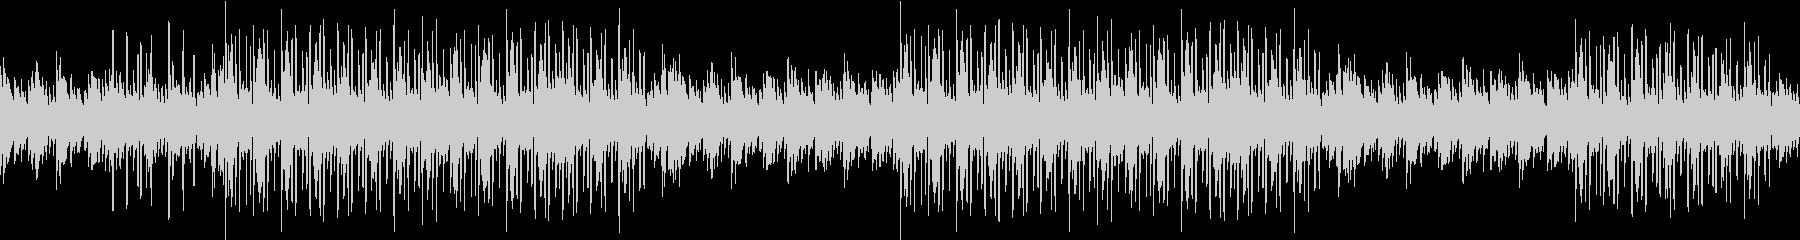 ピアノ・別れ・感動・切ない・エモ・ループの未再生の波形